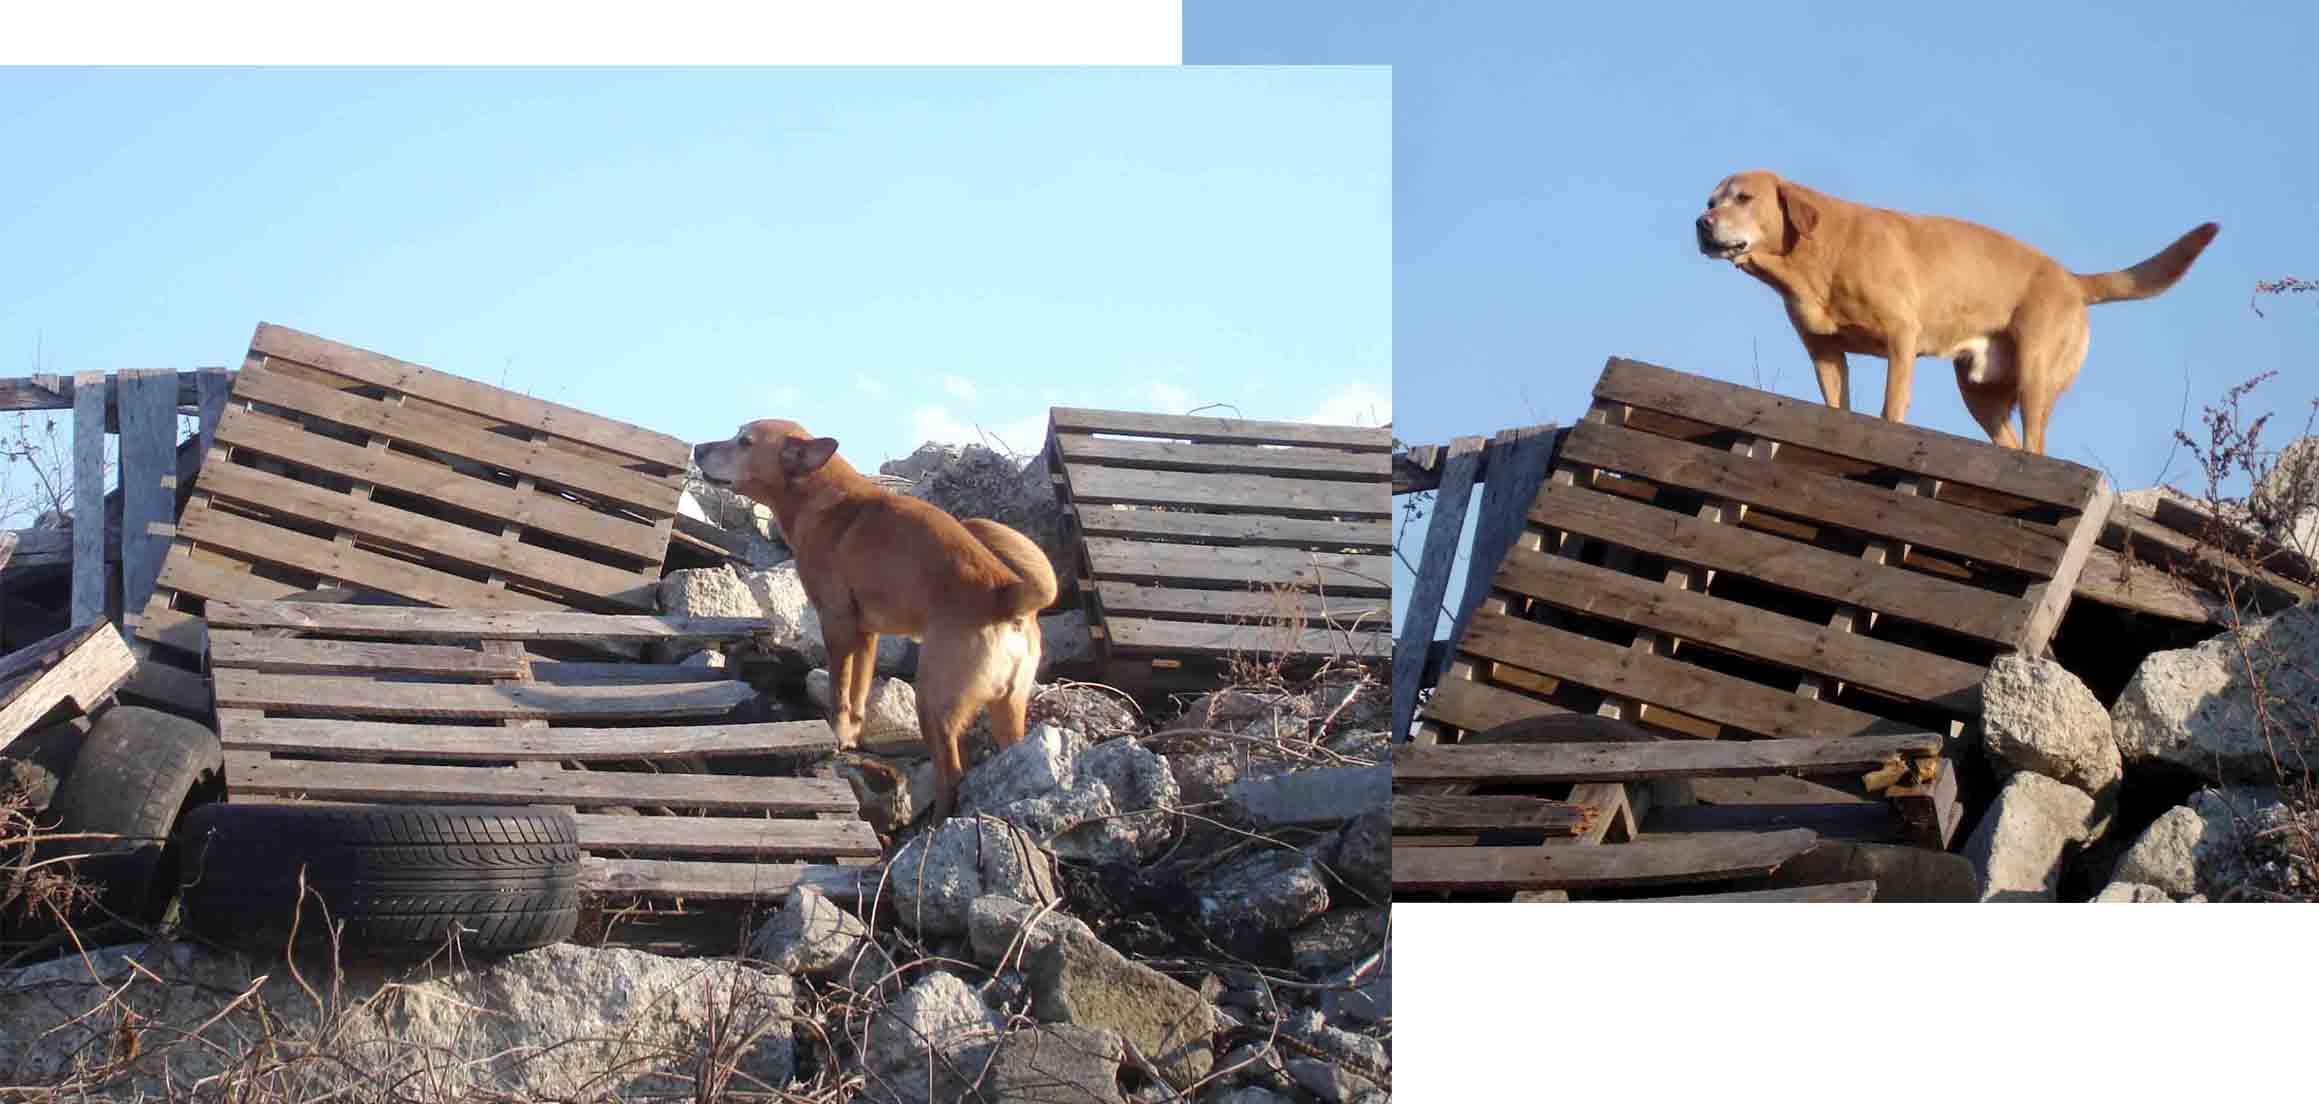 Lリベロの瓦礫捜索訓練